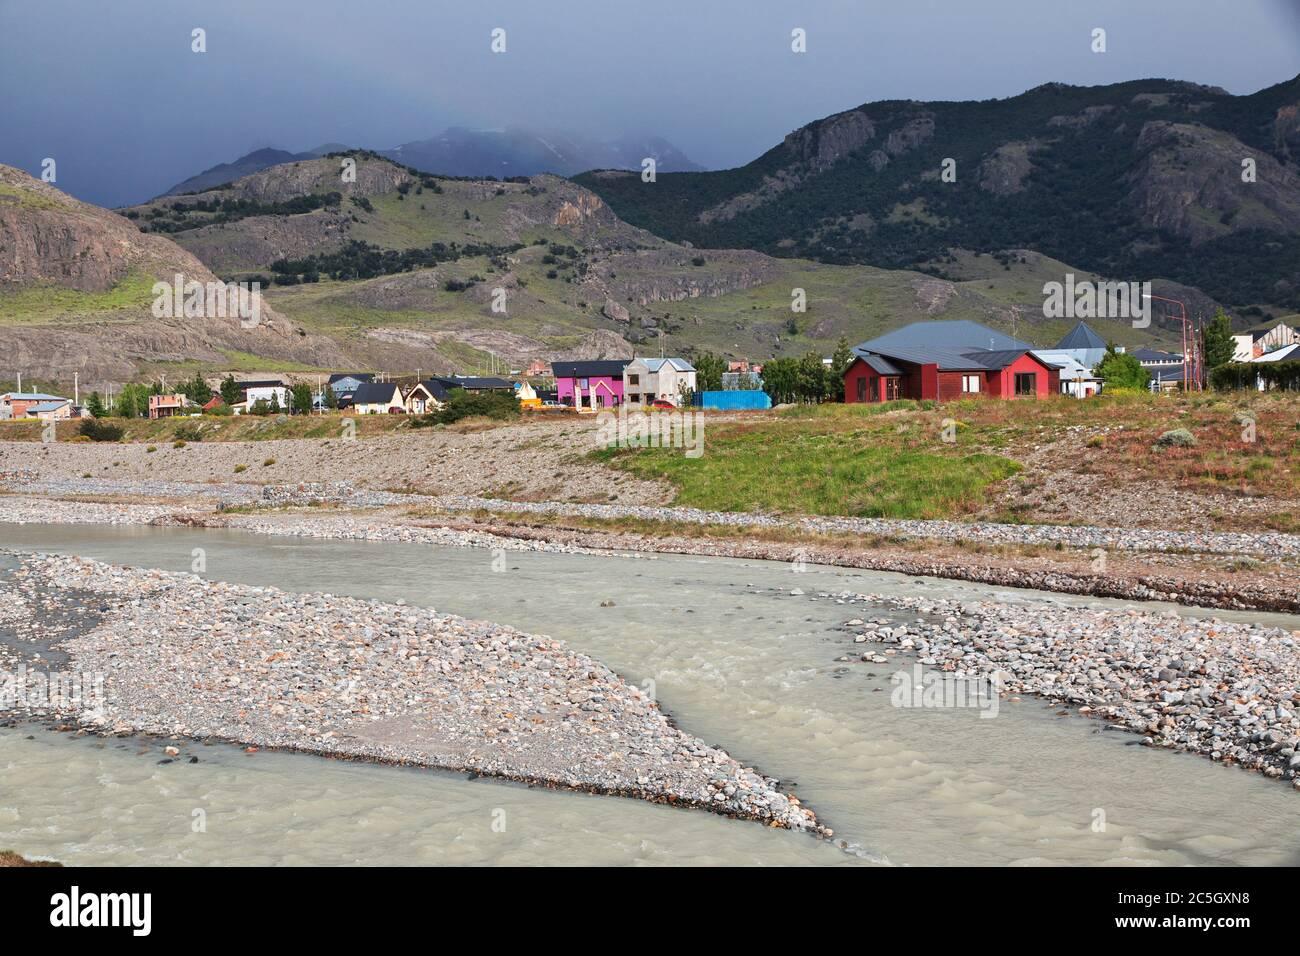 La vista su El Chalten, Patagonia, Argentina Foto Stock